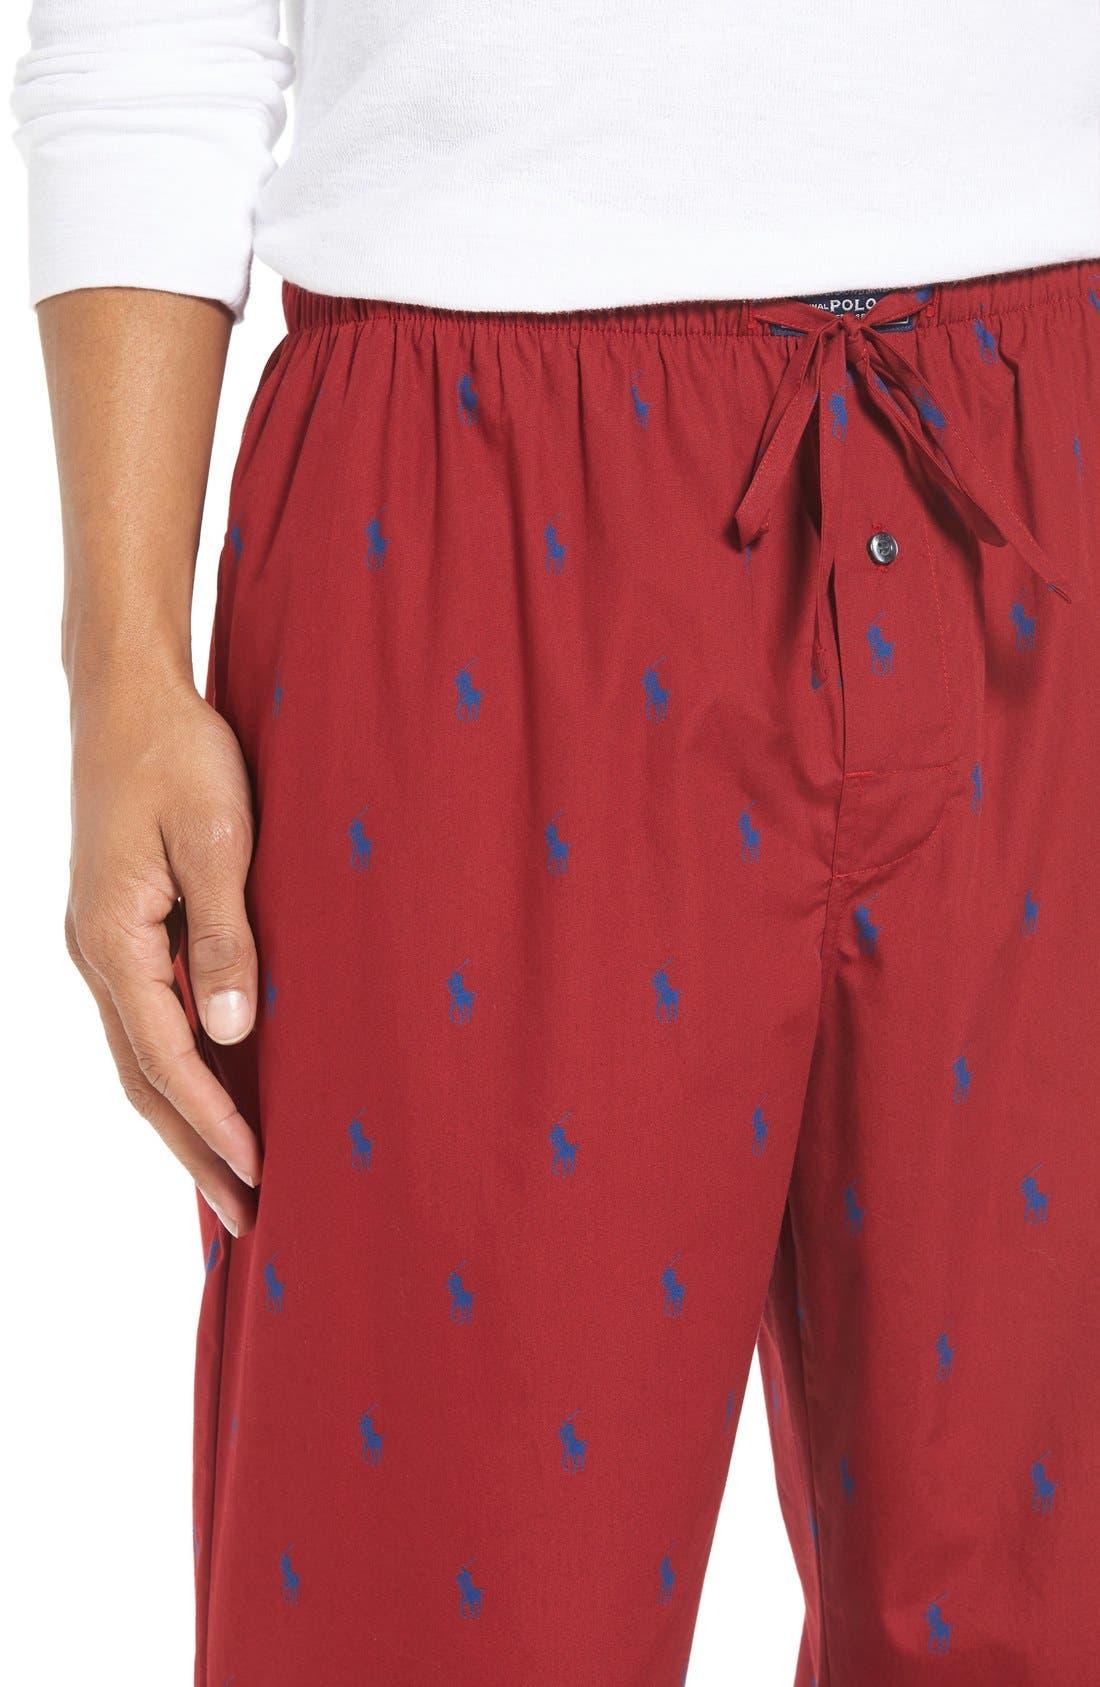 Cotton Lounge Pants,                             Alternate thumbnail 50, color,